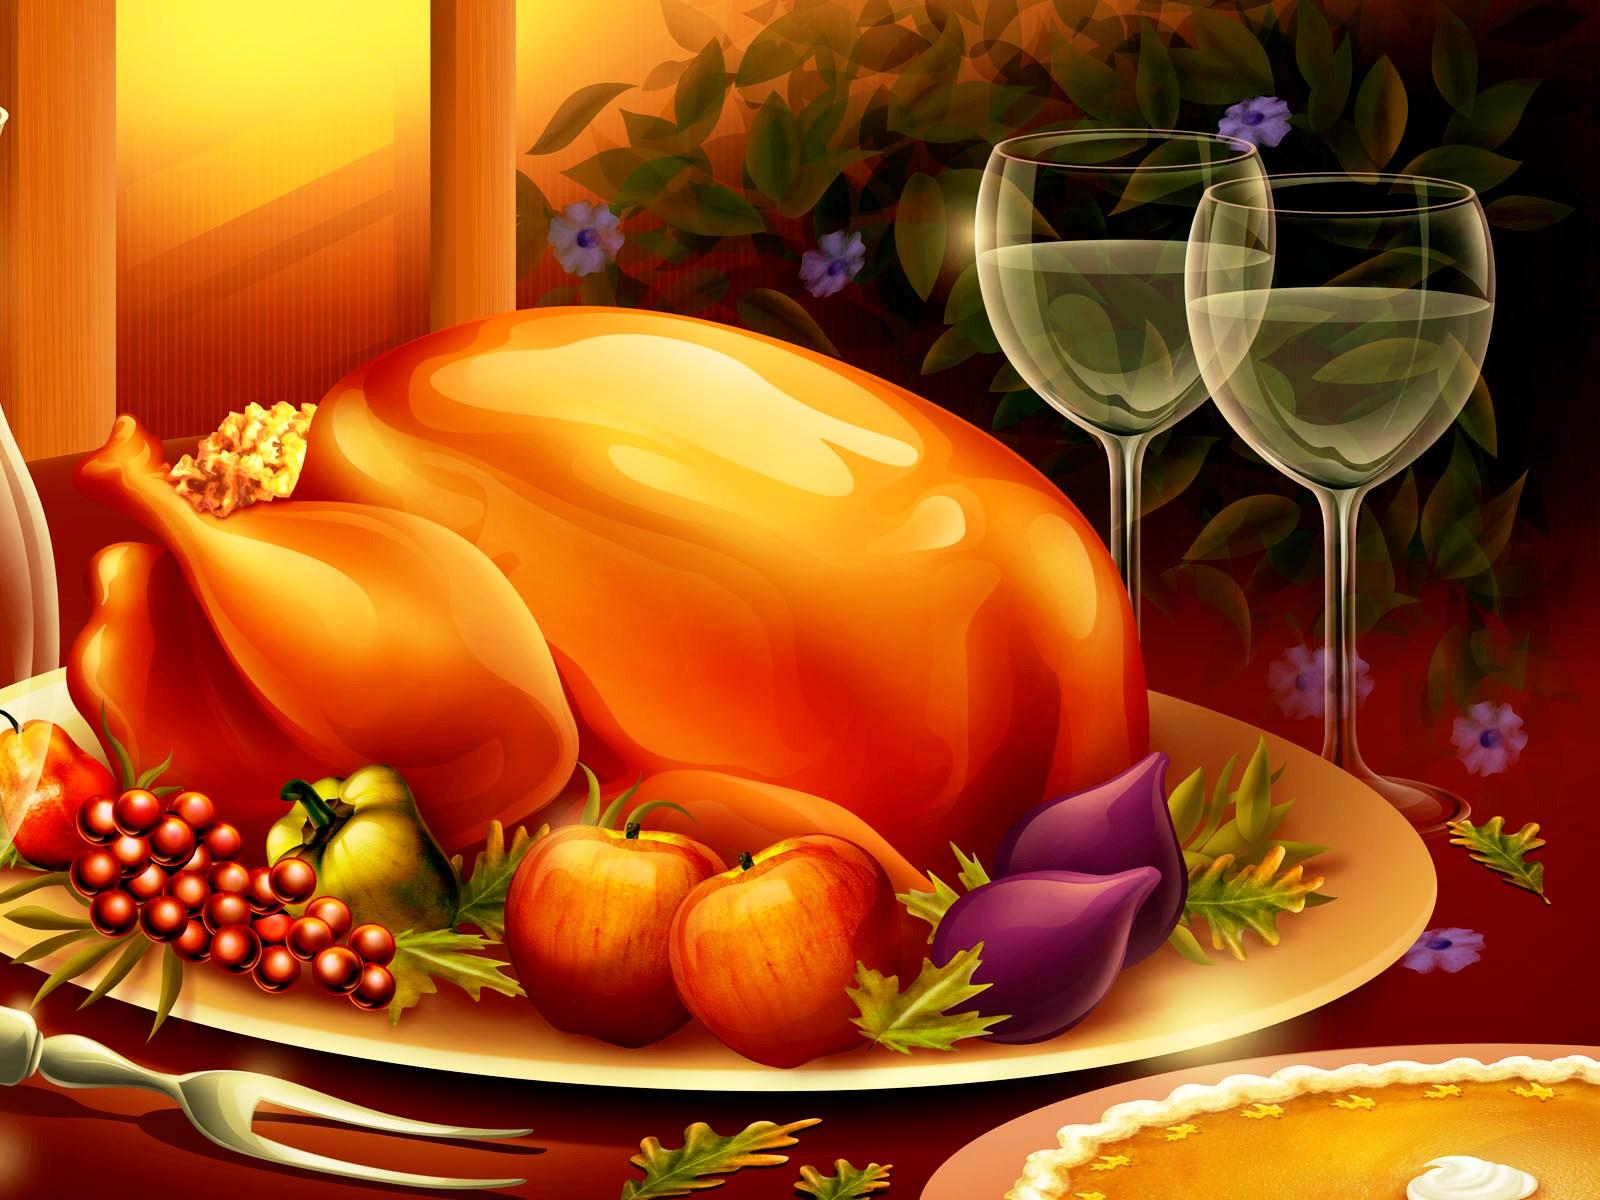 Thanksgiving 3d Wallpaper: Thanksgiving Wallpaper Hd